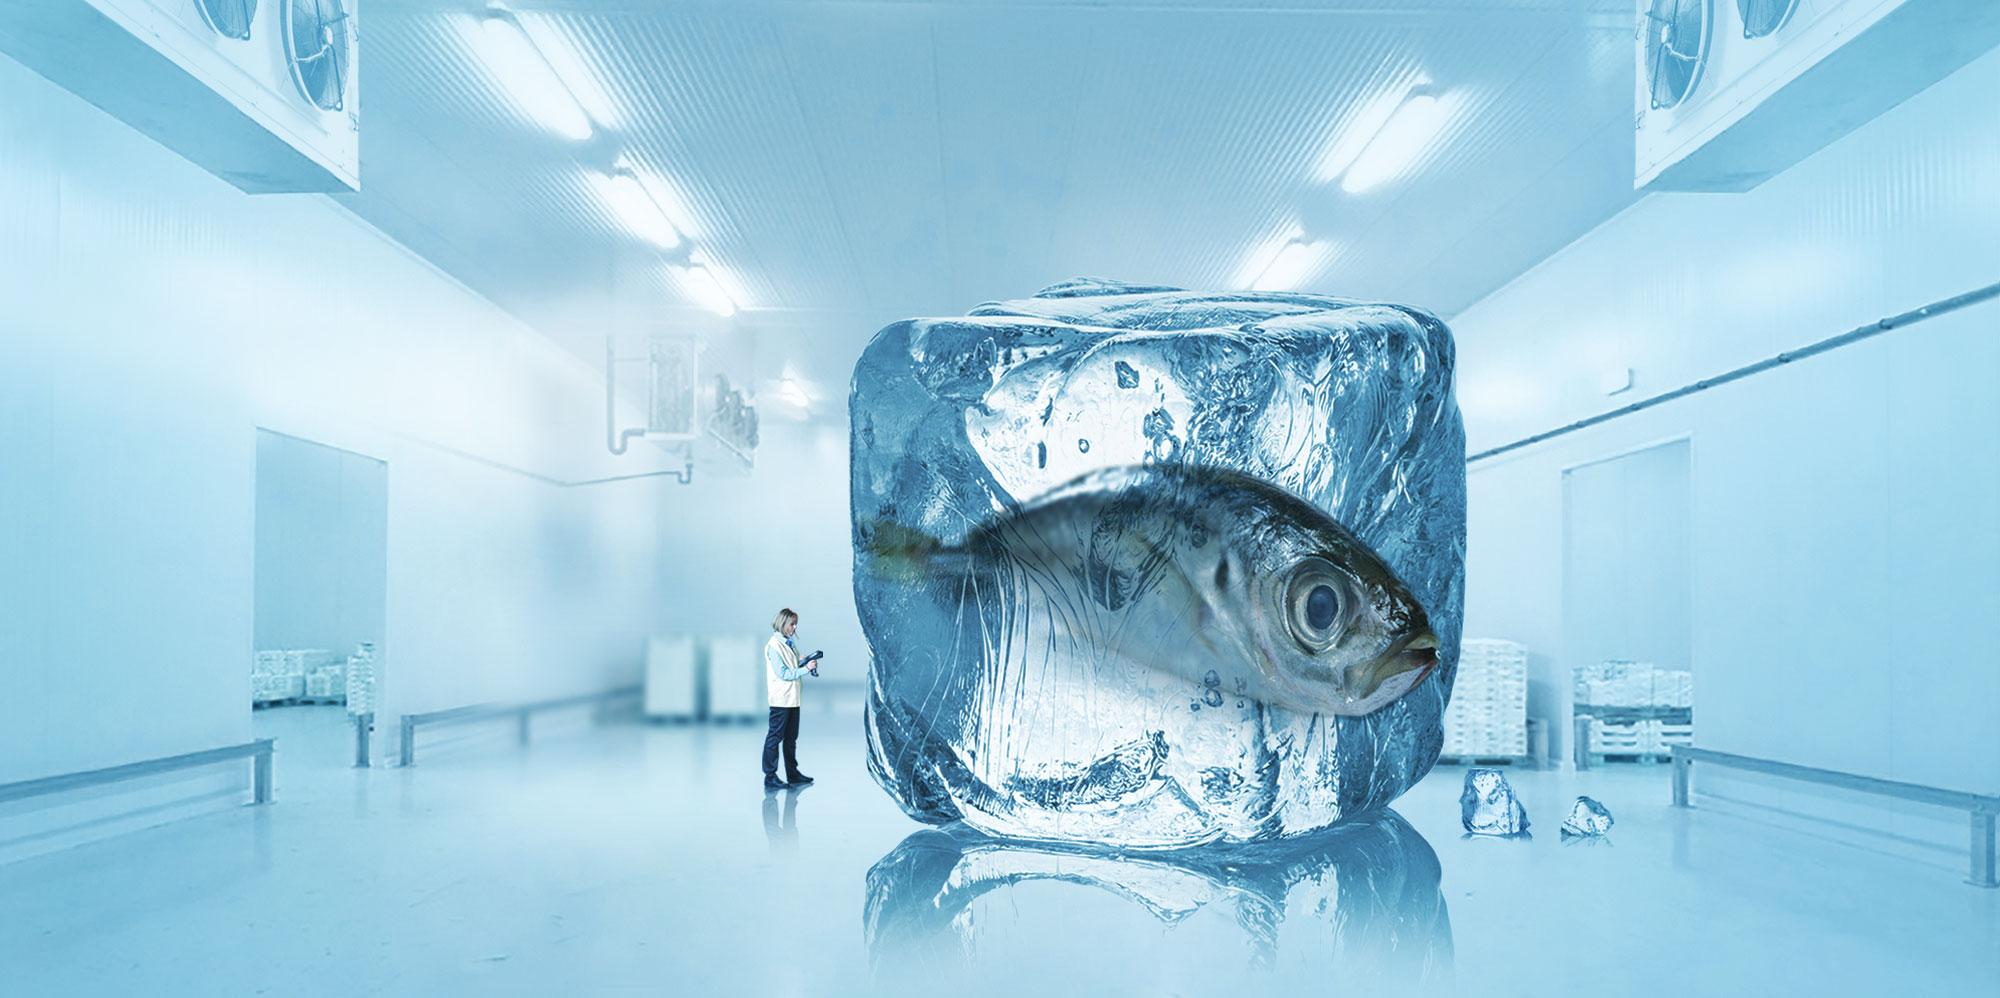 Impianti di refrigerazione industriale - impianti frigoriferi industriali impianto frigorifero - cella